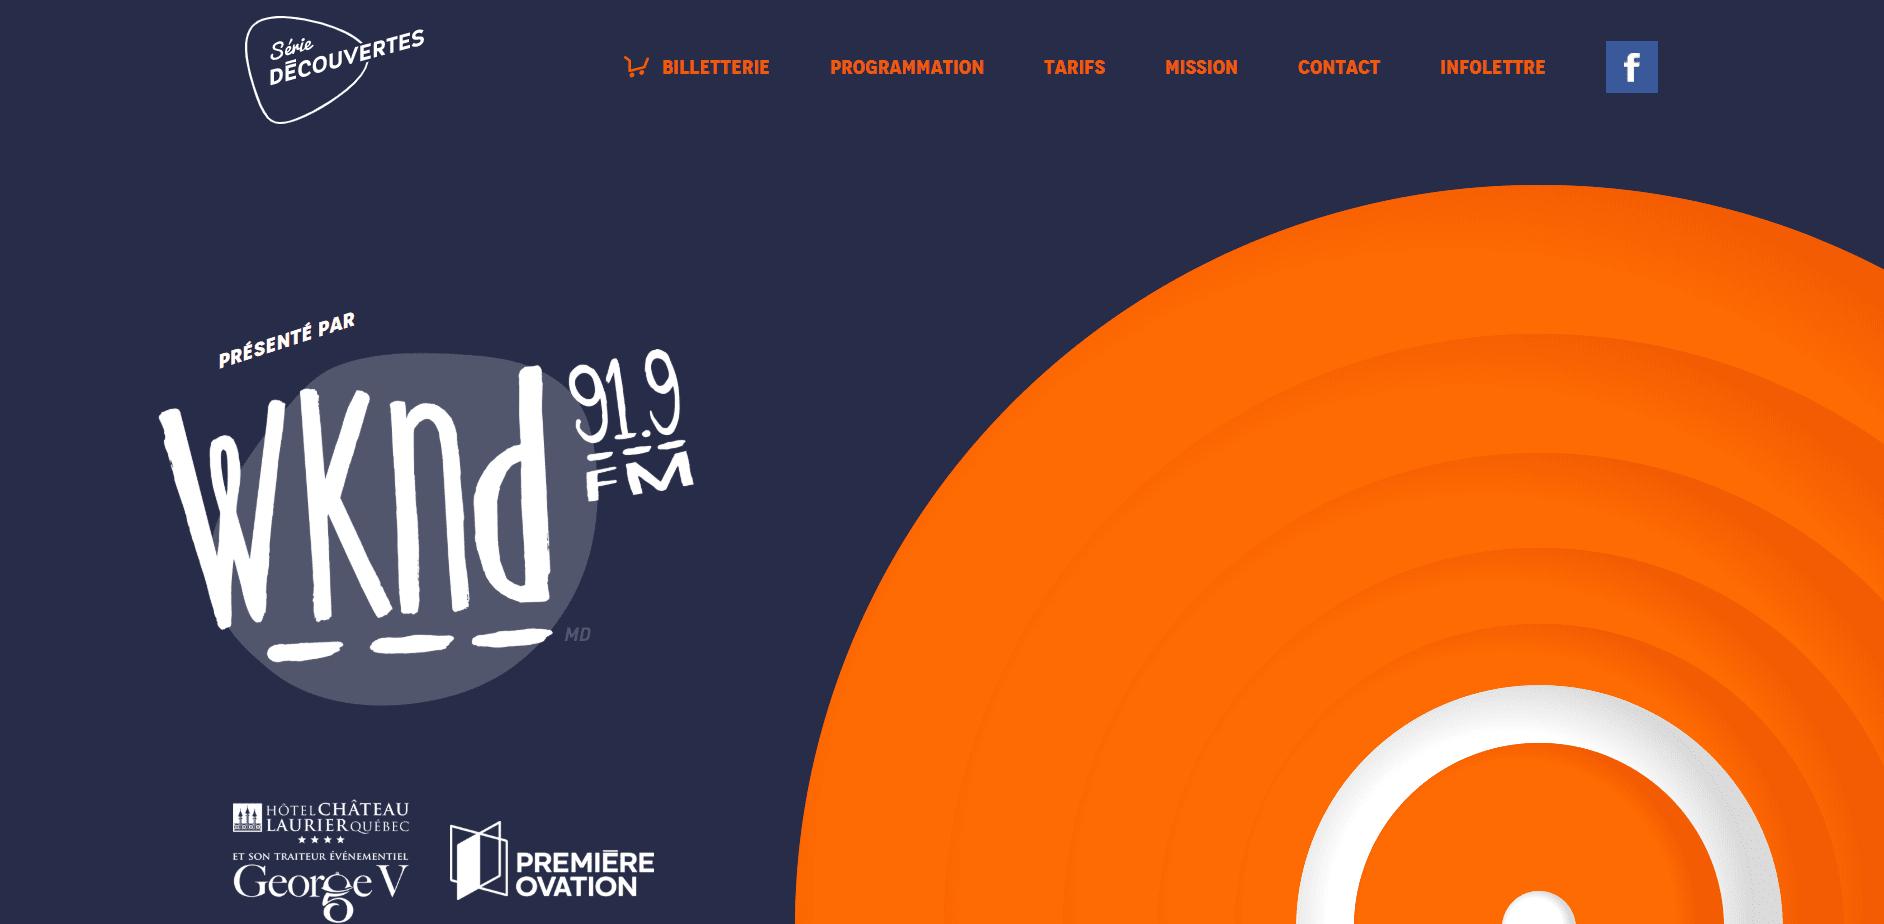 Orange and Blue Color Palettes for Websites - ColibriWP